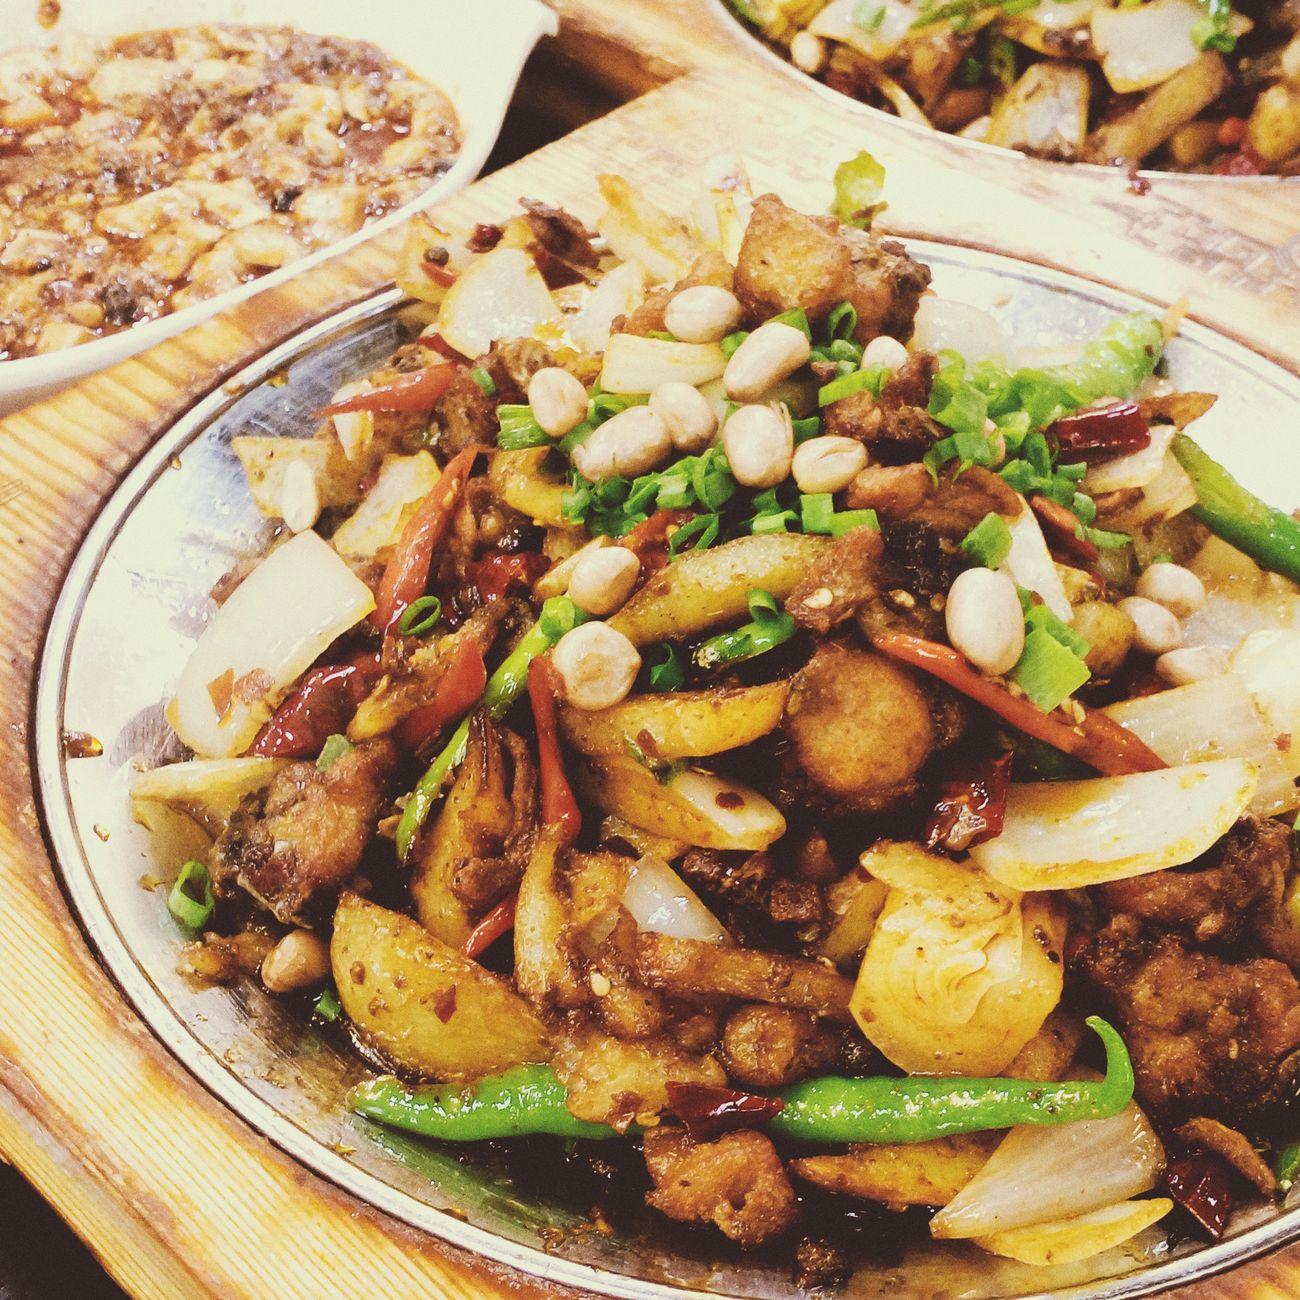 中国 China Chinese Food Sichuan Province Sichuanfood 干锅 Food No People Day Life Chinese Nice Day Happiness Nobody Delicious Nice